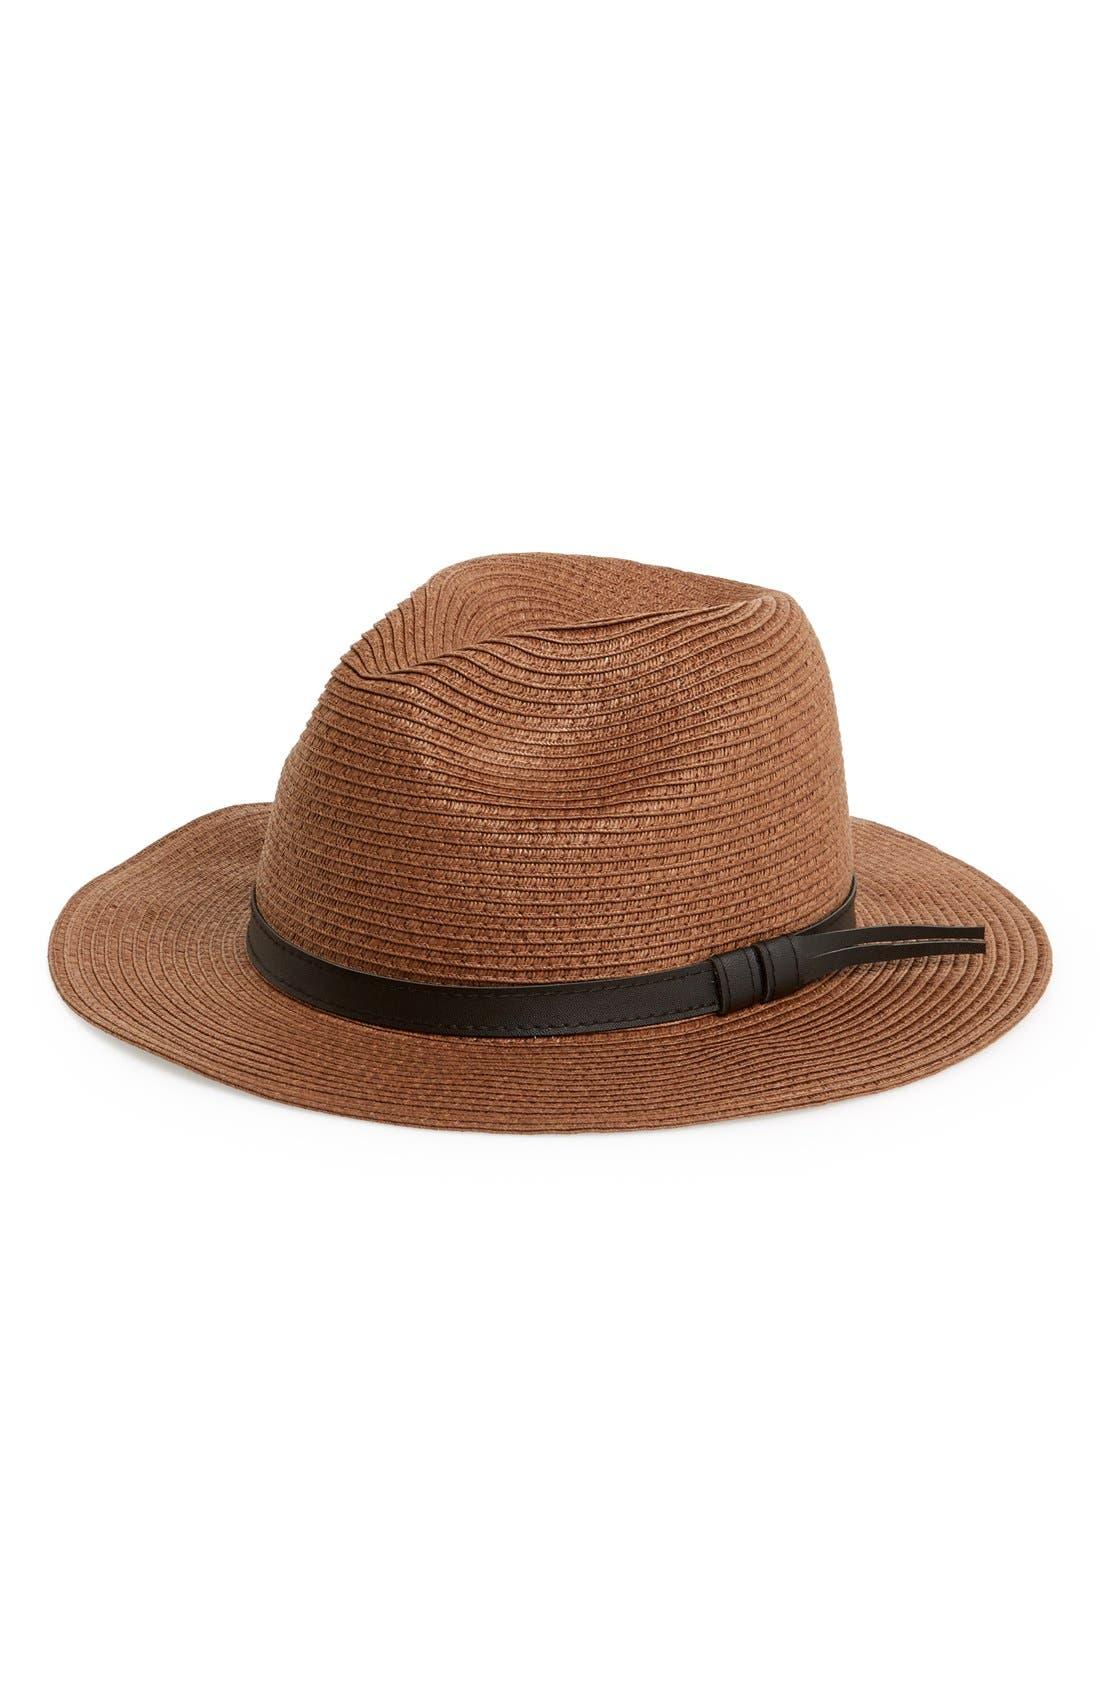 BP. Straw Panama Hat, Main, color, 200